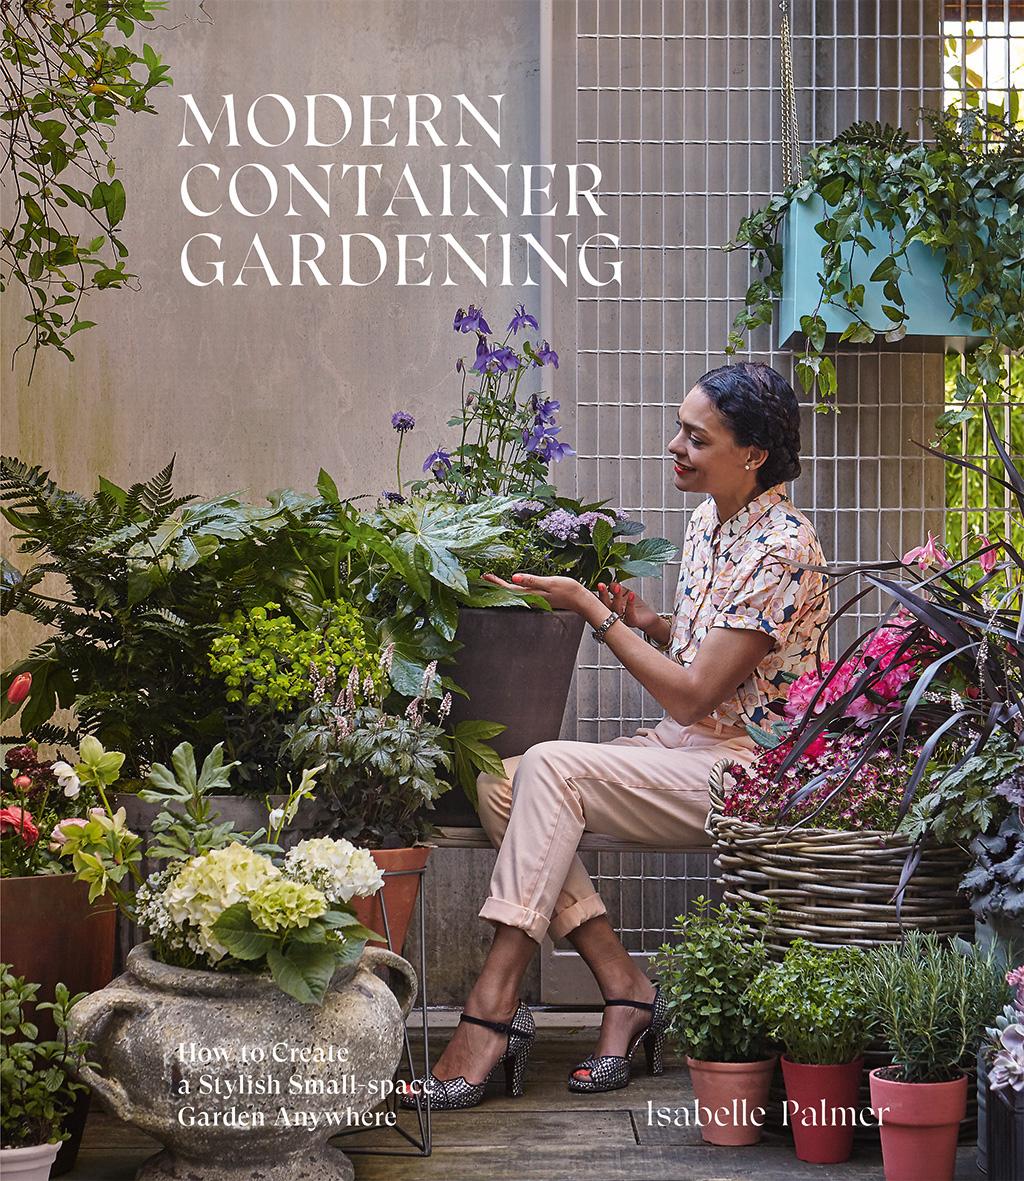 Modern Container Gardening   Isabelle Palmer